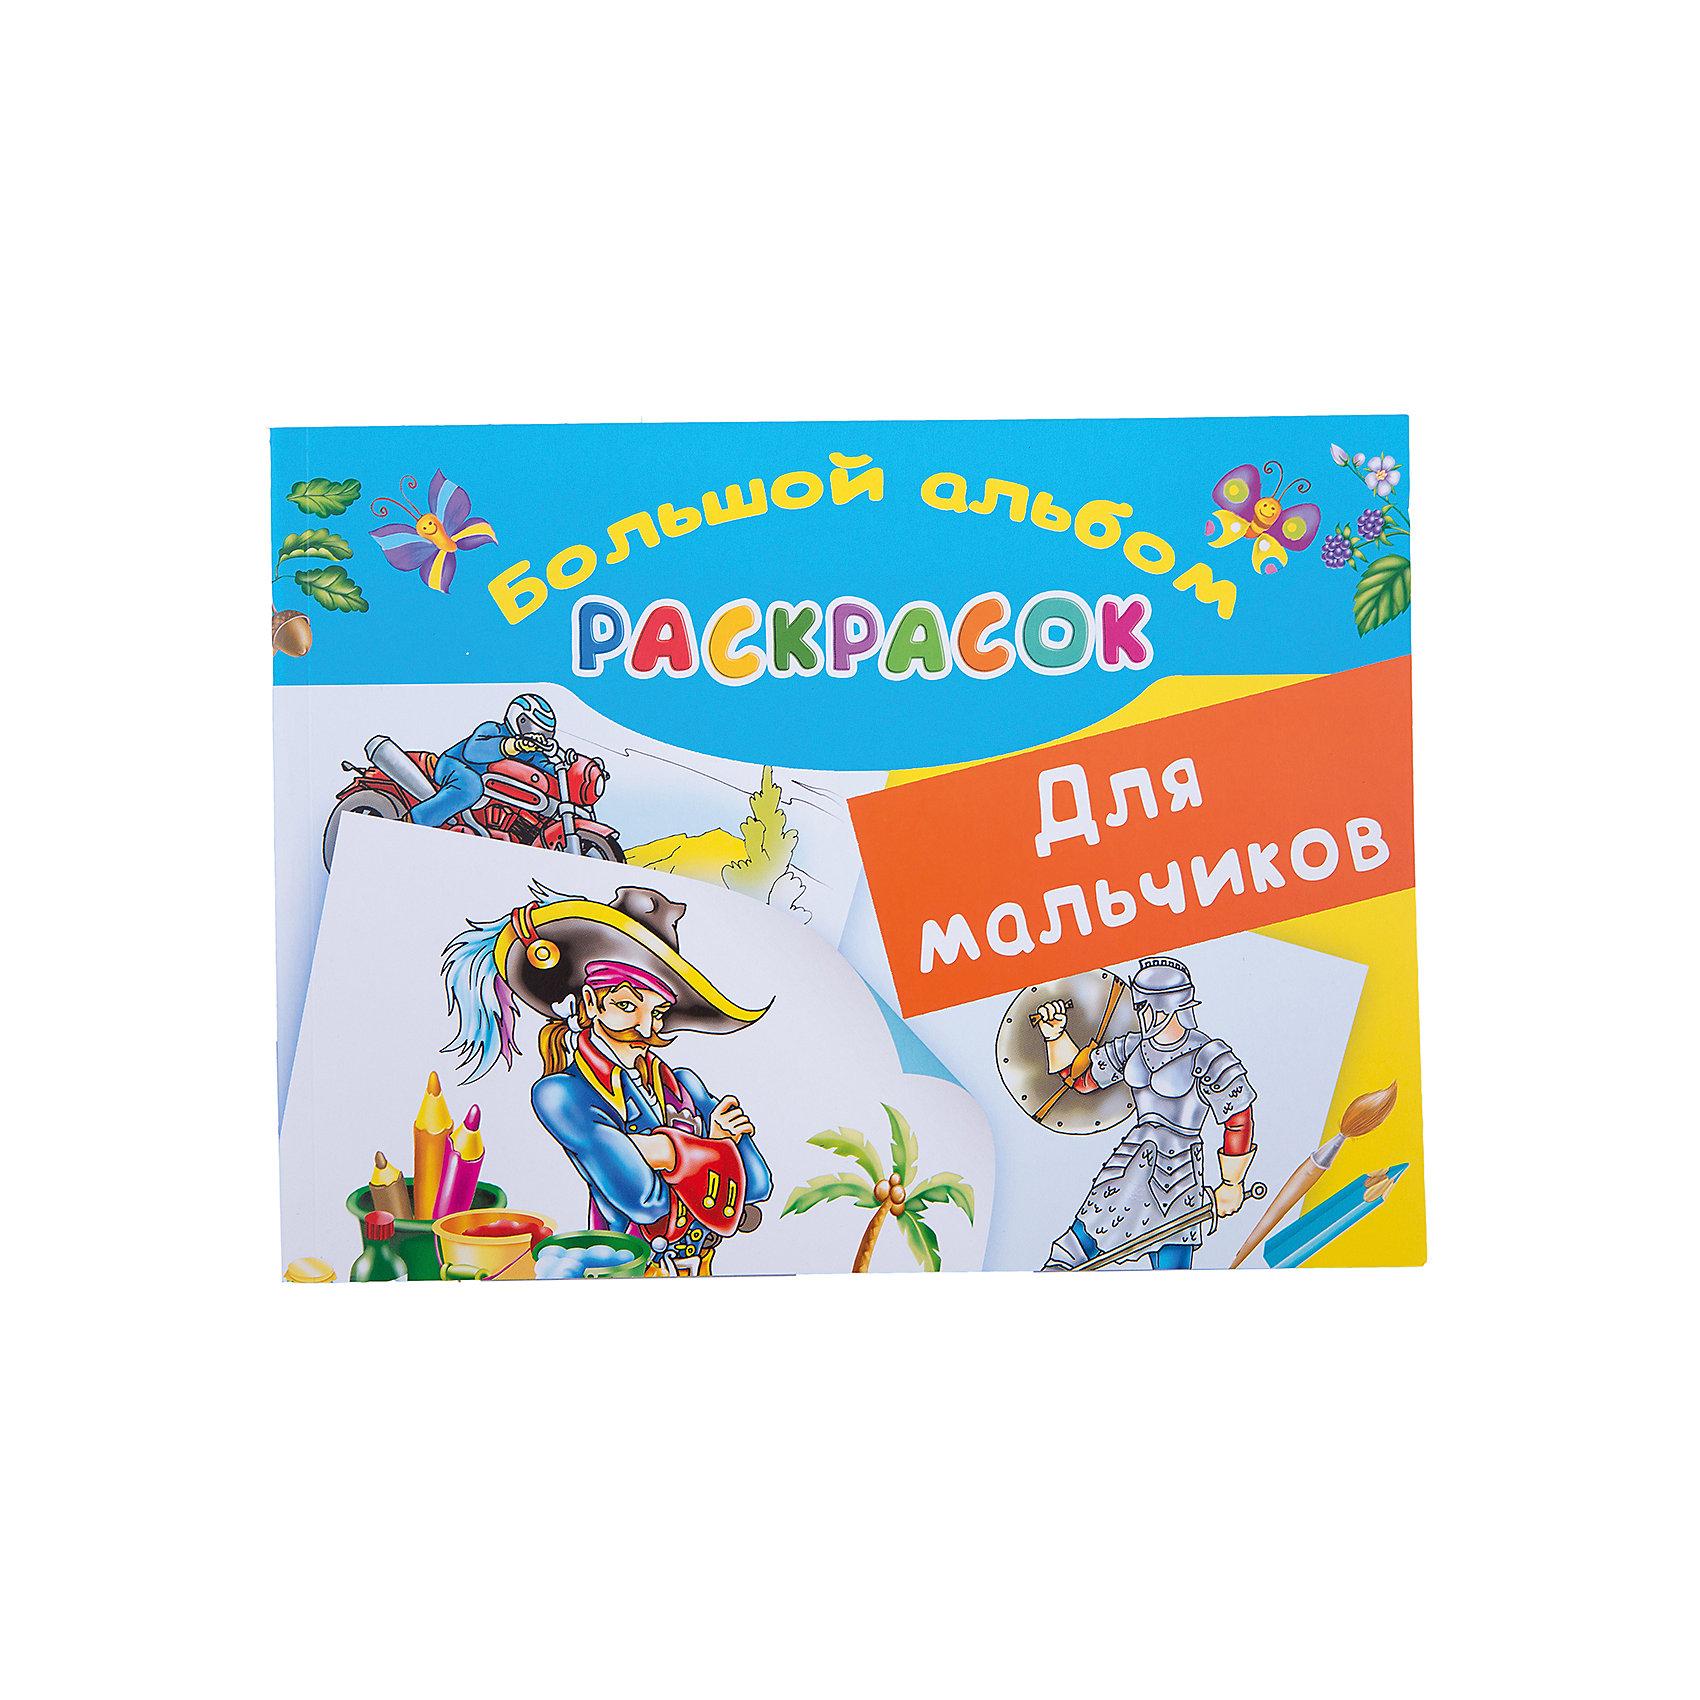 Малыш Большой альбом раскрасок для мальчиков дмитриева в г альбом сказочных наклеек для мальчиков